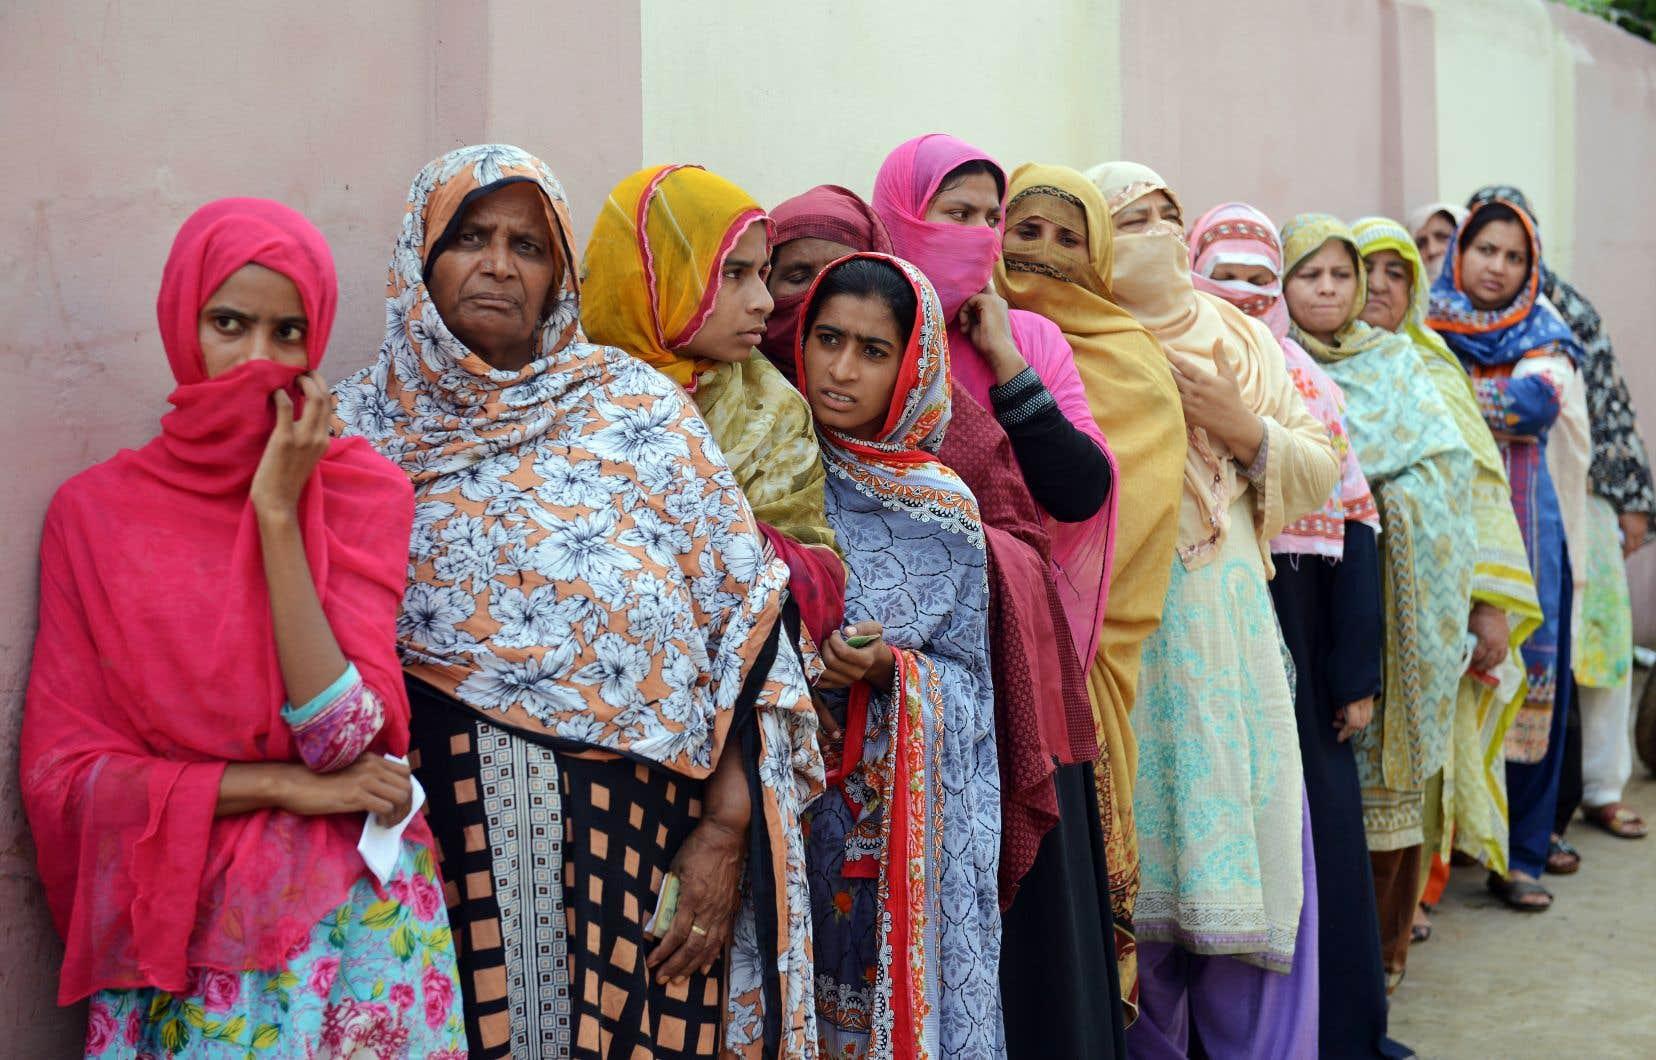 Des Pakistanaises faisaient la file mercredi devant un bureau électoral à Lahore. La Commission électorale a rendu obligatoire la participation d'au moins 10% de femmes dans chaque circonscription.